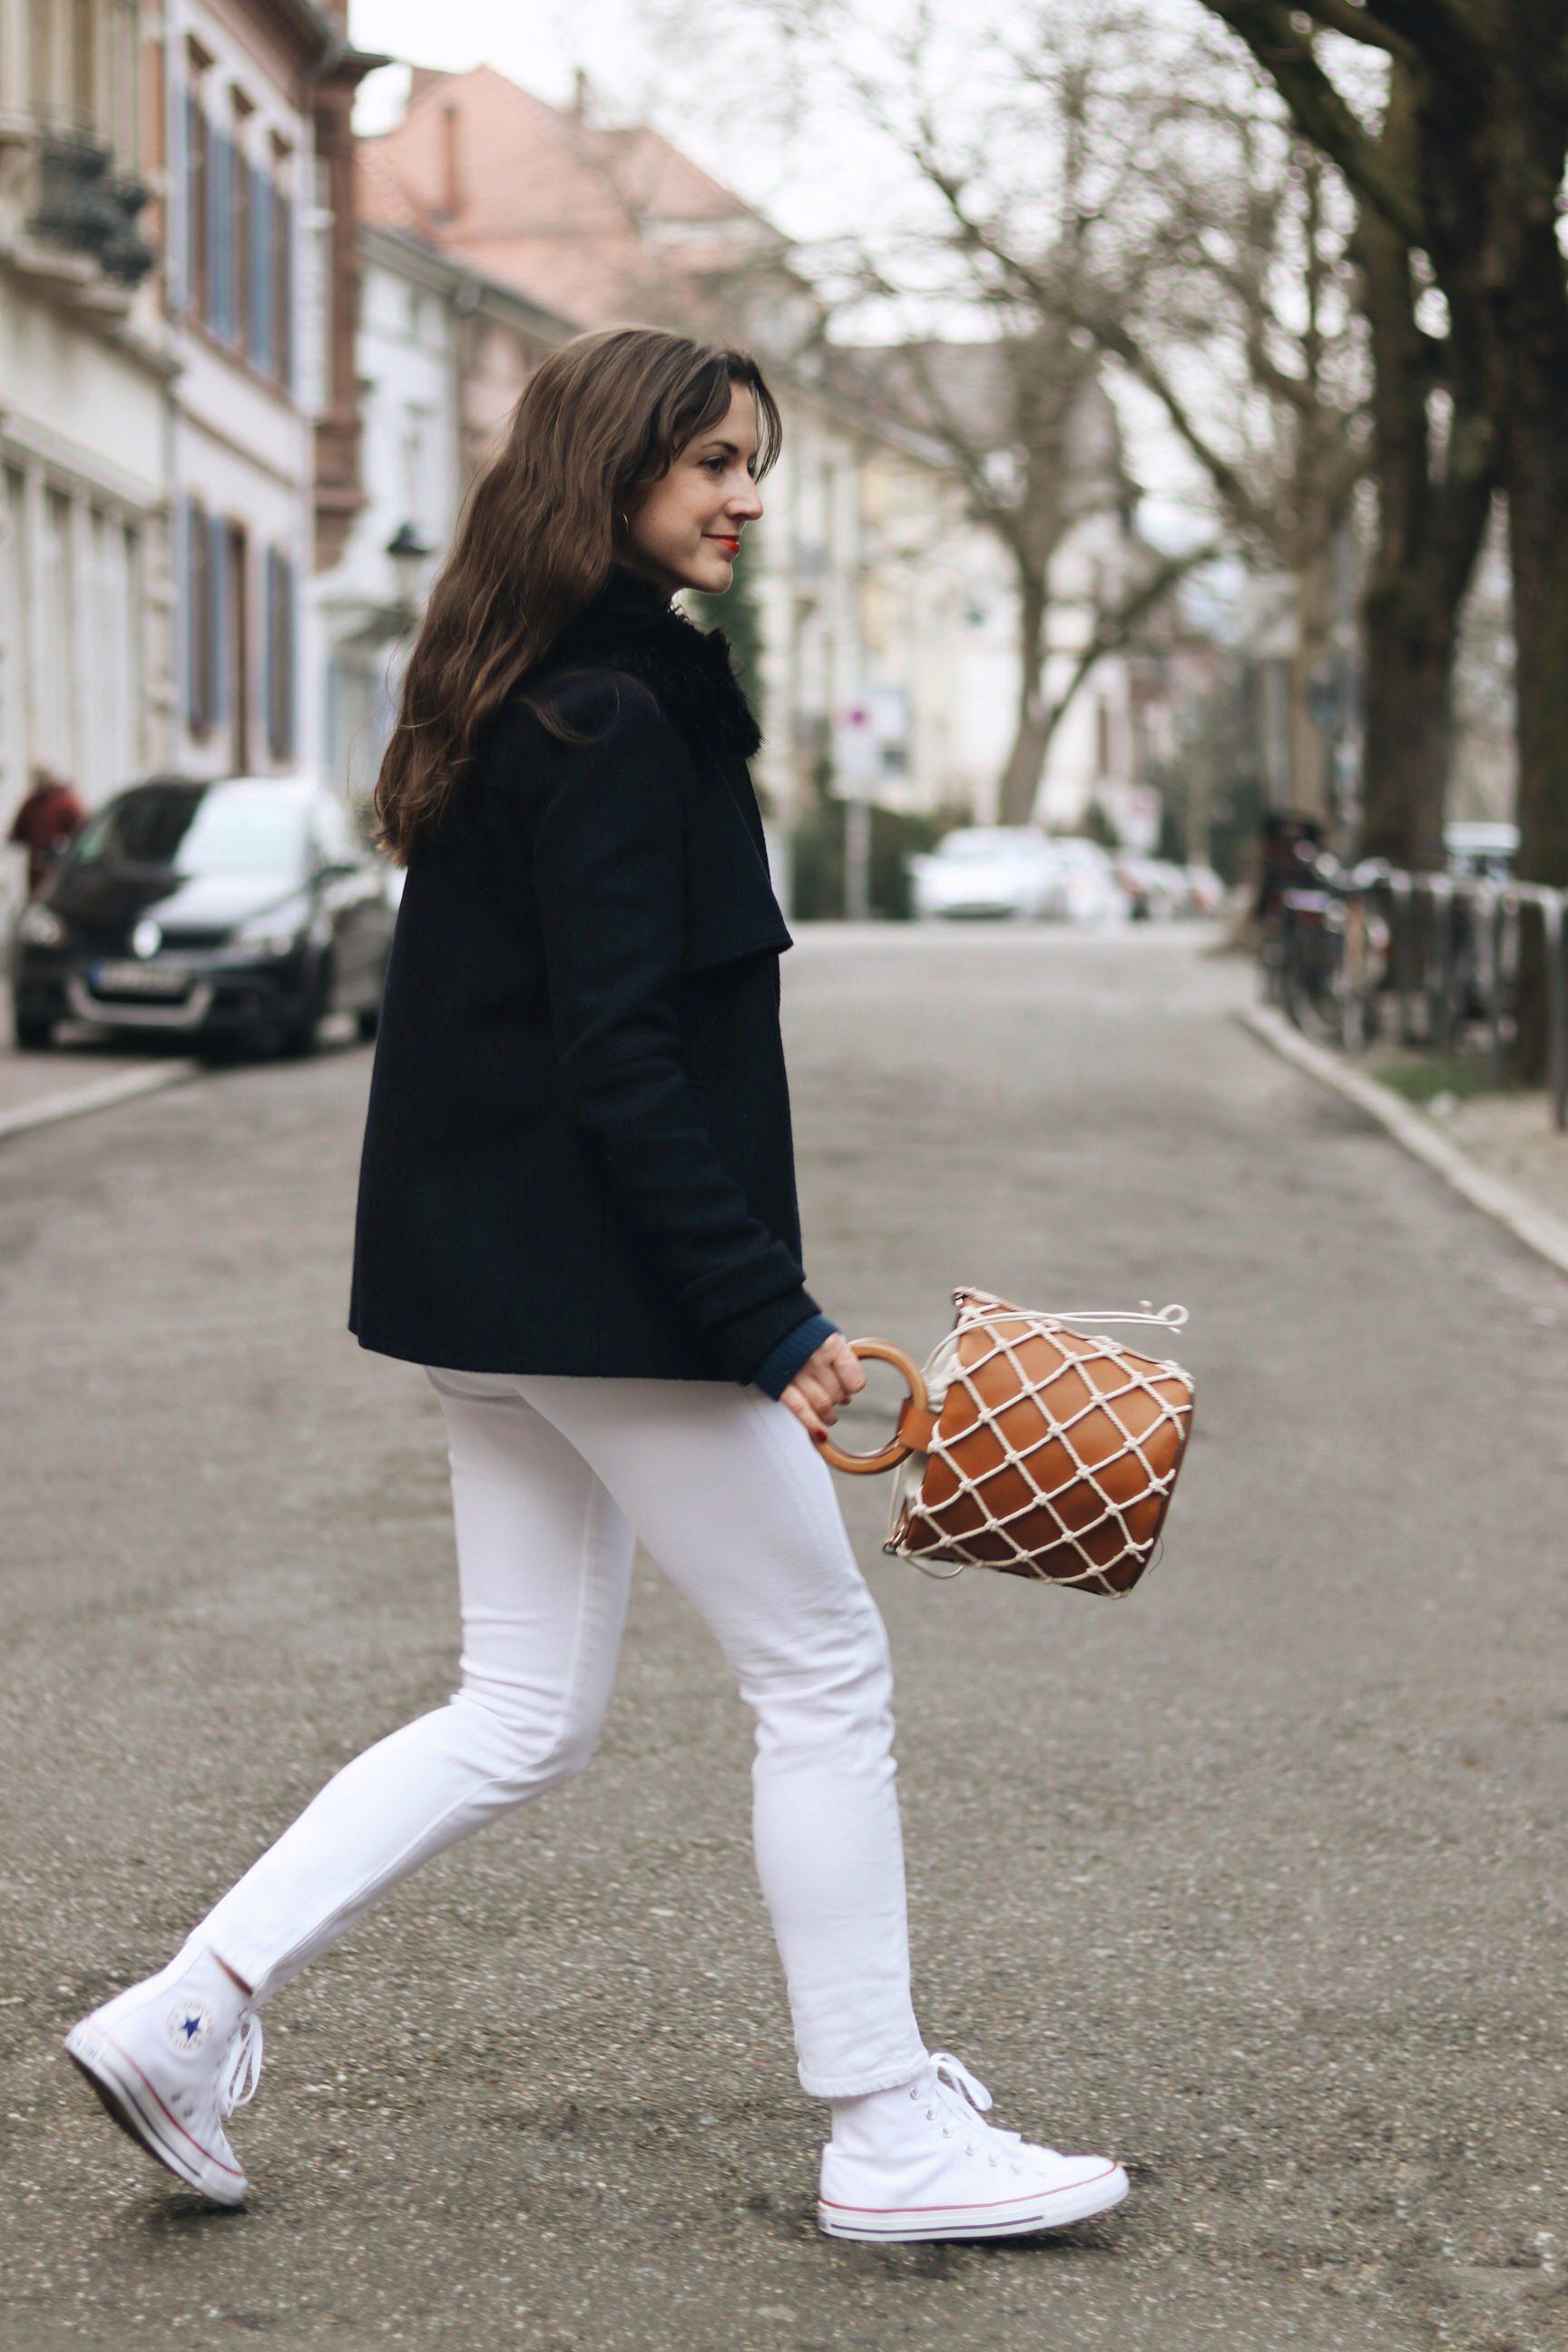 Neele Modebloggerin Outfit Streetstyle Winter Look Modeblog Taschentrends Top 10 deutsch